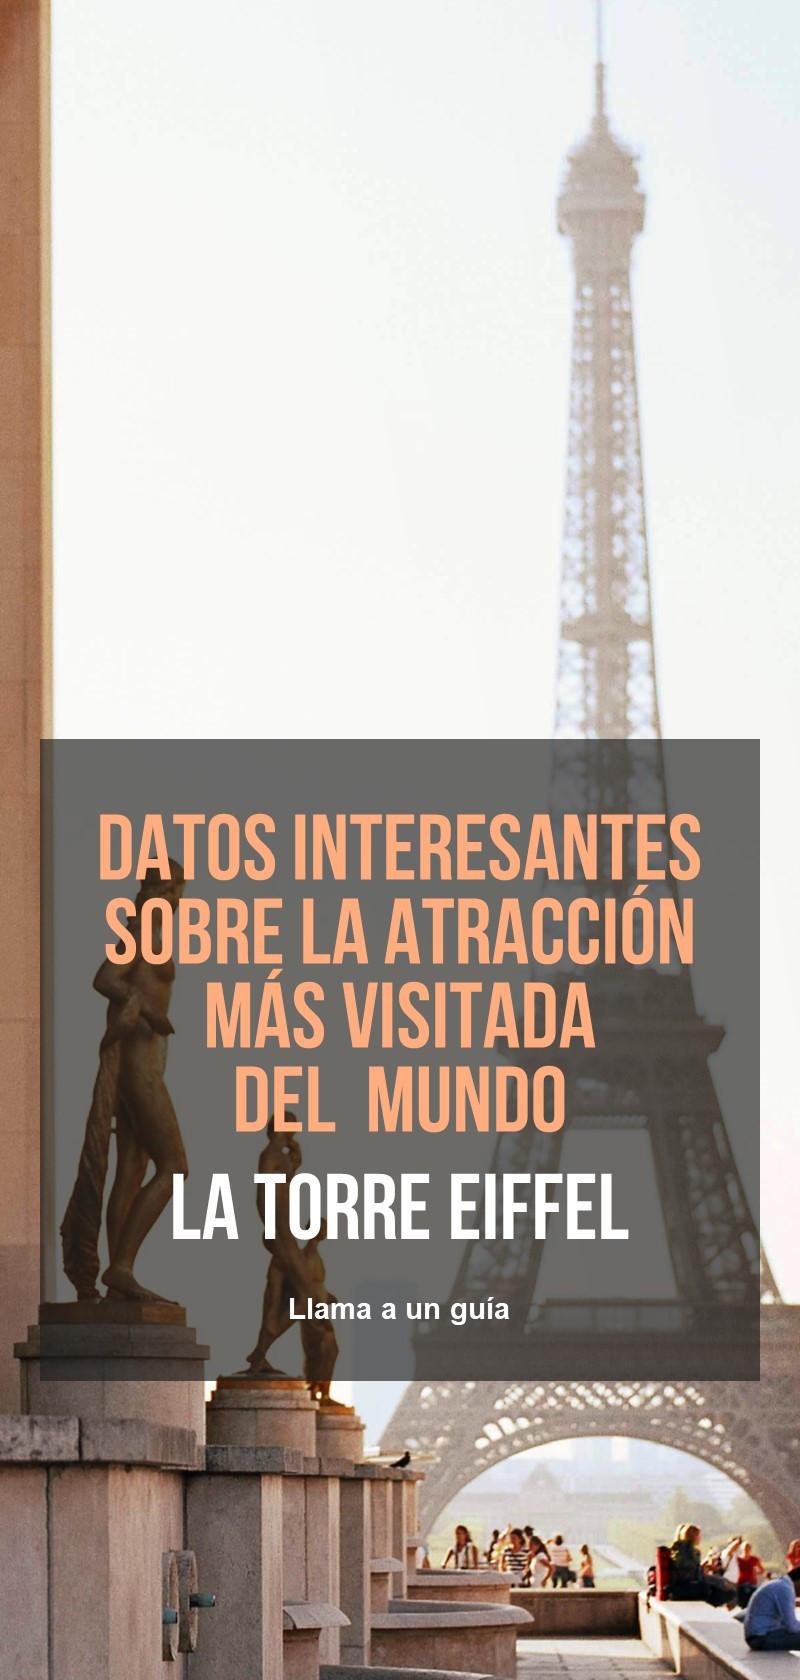 La Torre Eiffel en París